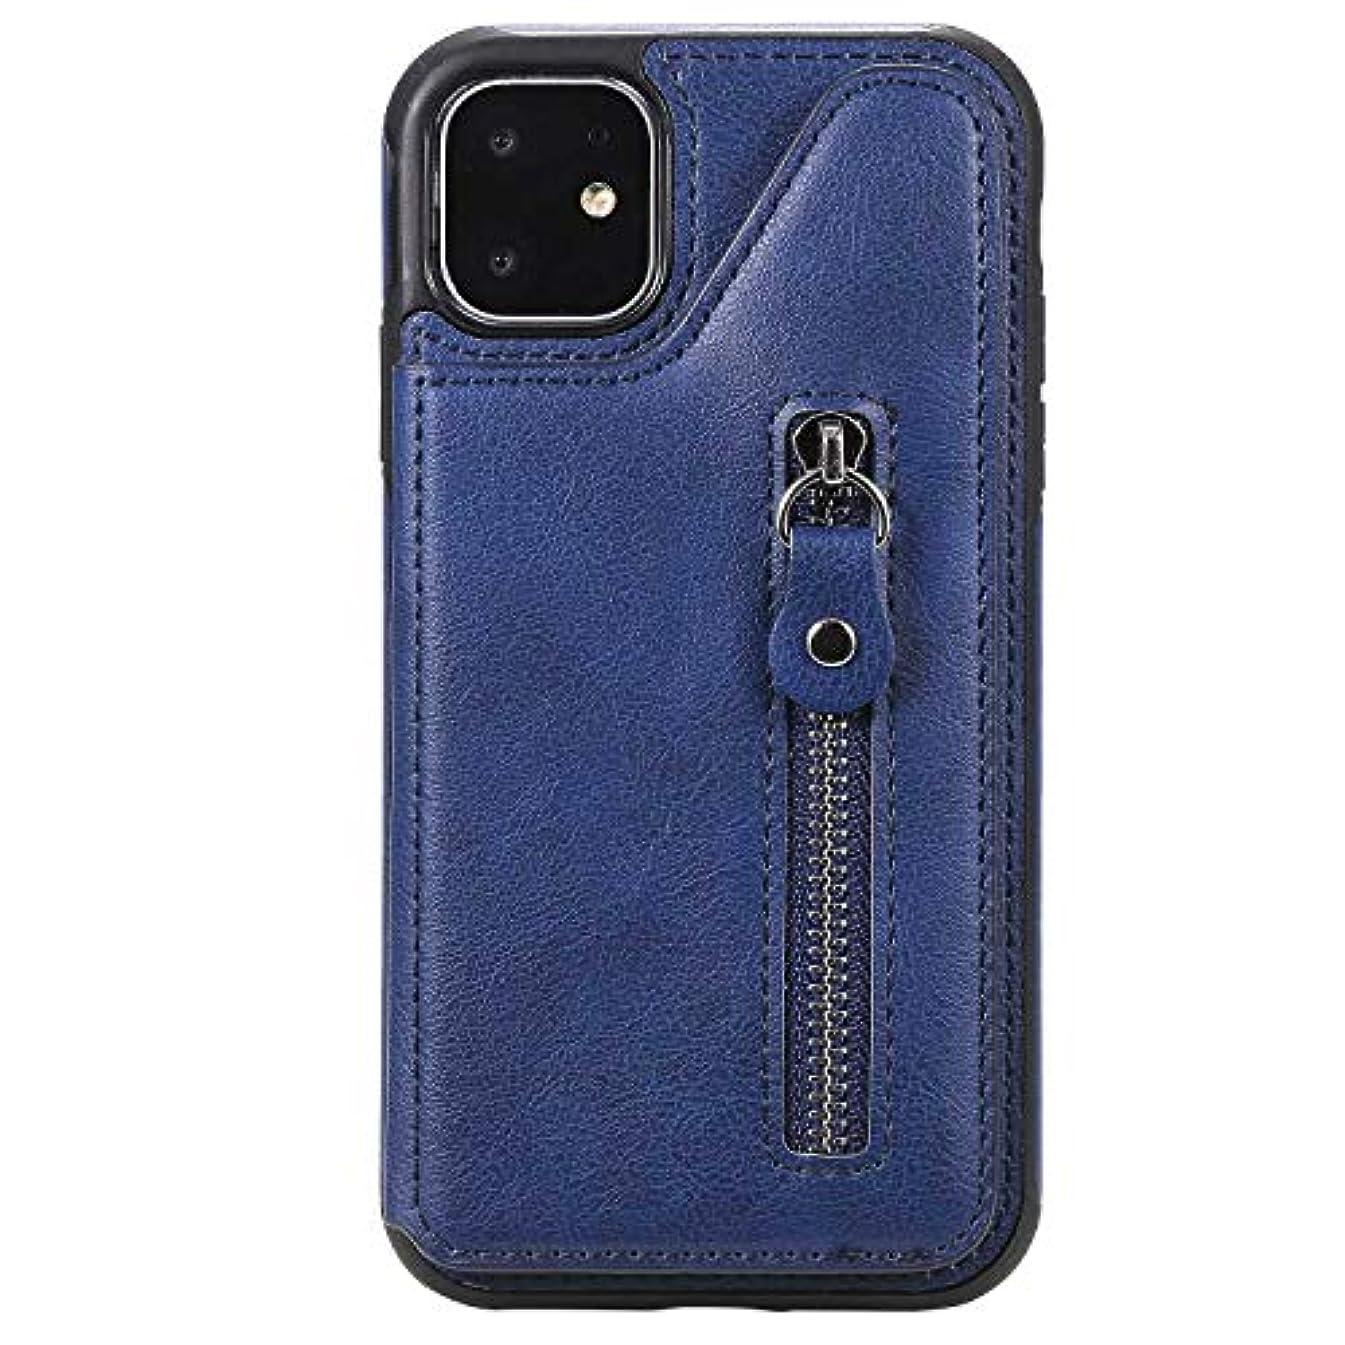 駅ラブ驚くべきOMATENTI iPhone 11 6.1 ケース, PUレザー 薄型 簡約風 人気 新品 バックケース iPhone 11 6.1 用 Case Cover, 財布とコインポケット付き, 液晶保護 カード収納, 青